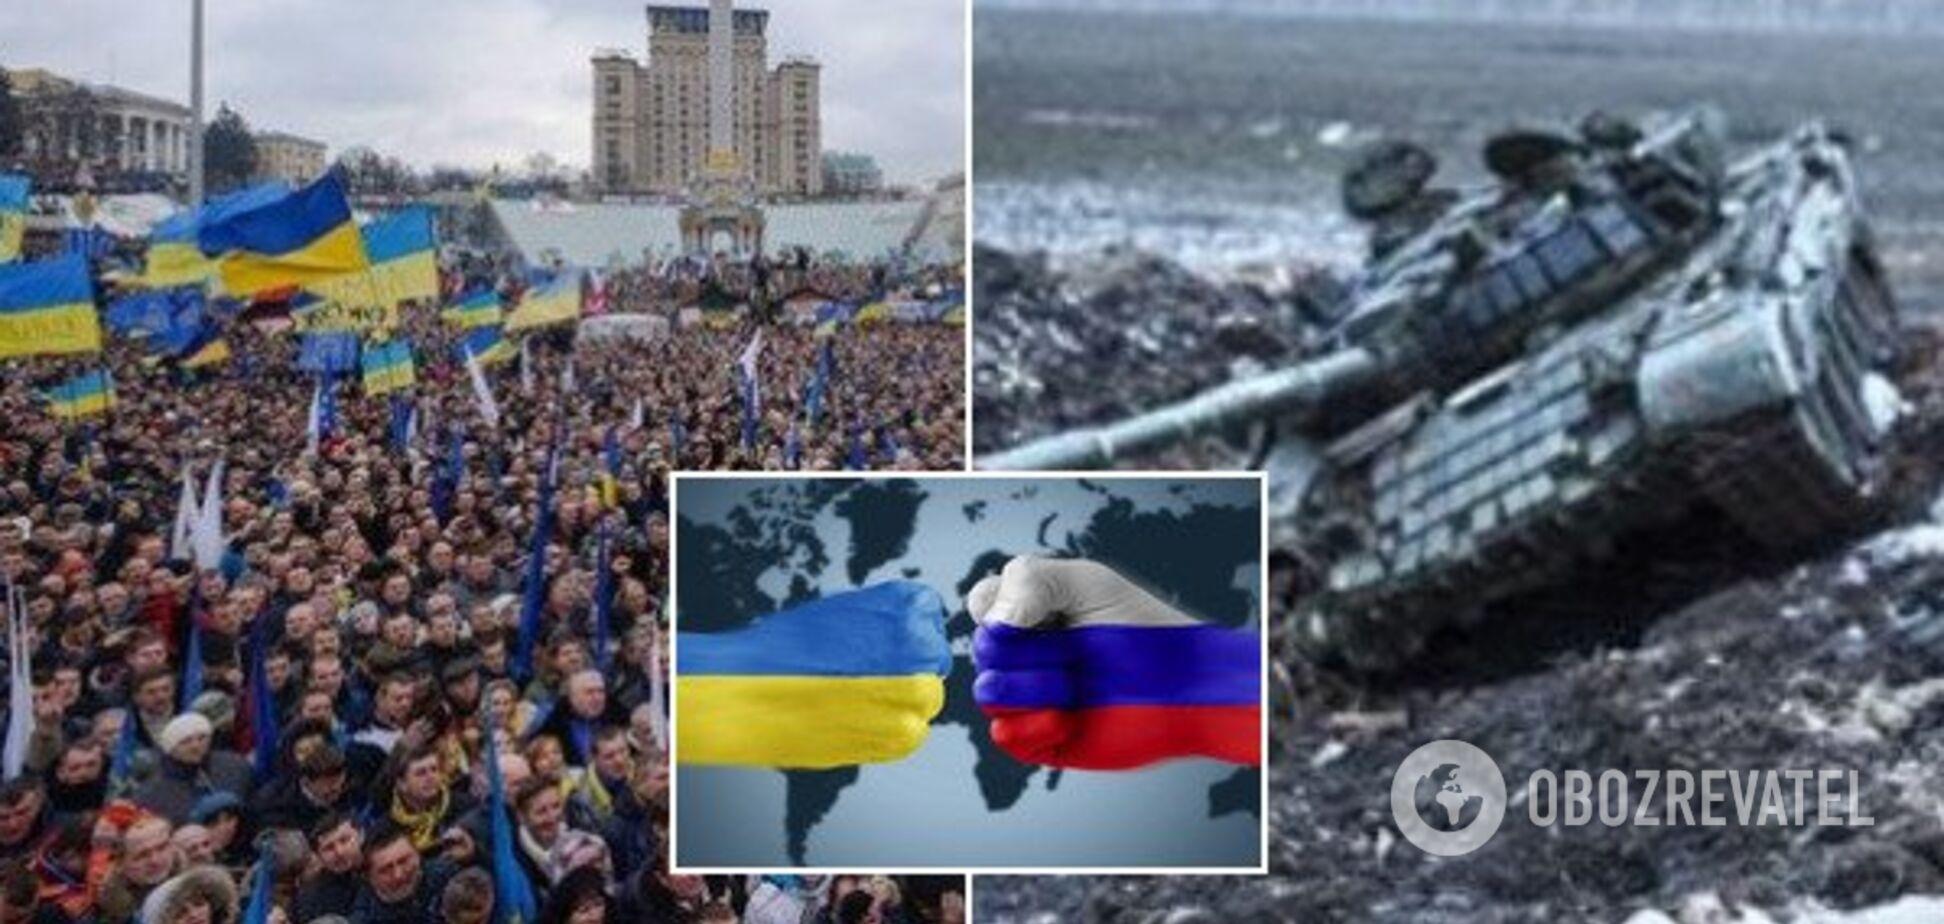 В Москві за український прапор нападали. Був масовий психоз – Рубінштейн